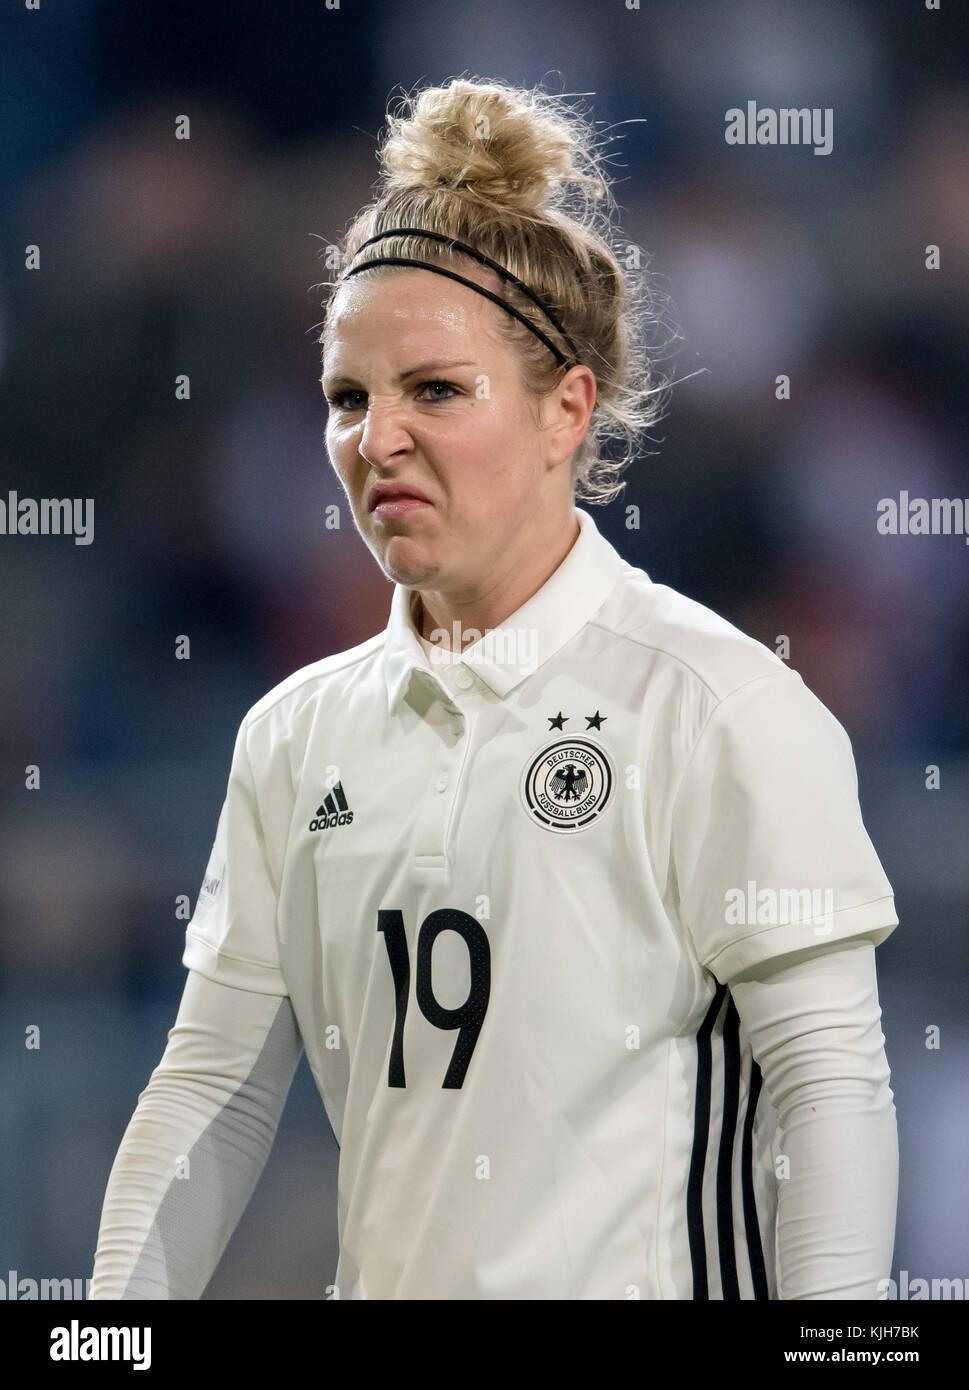 freundschaftsspiel deutschland frankreich 2019